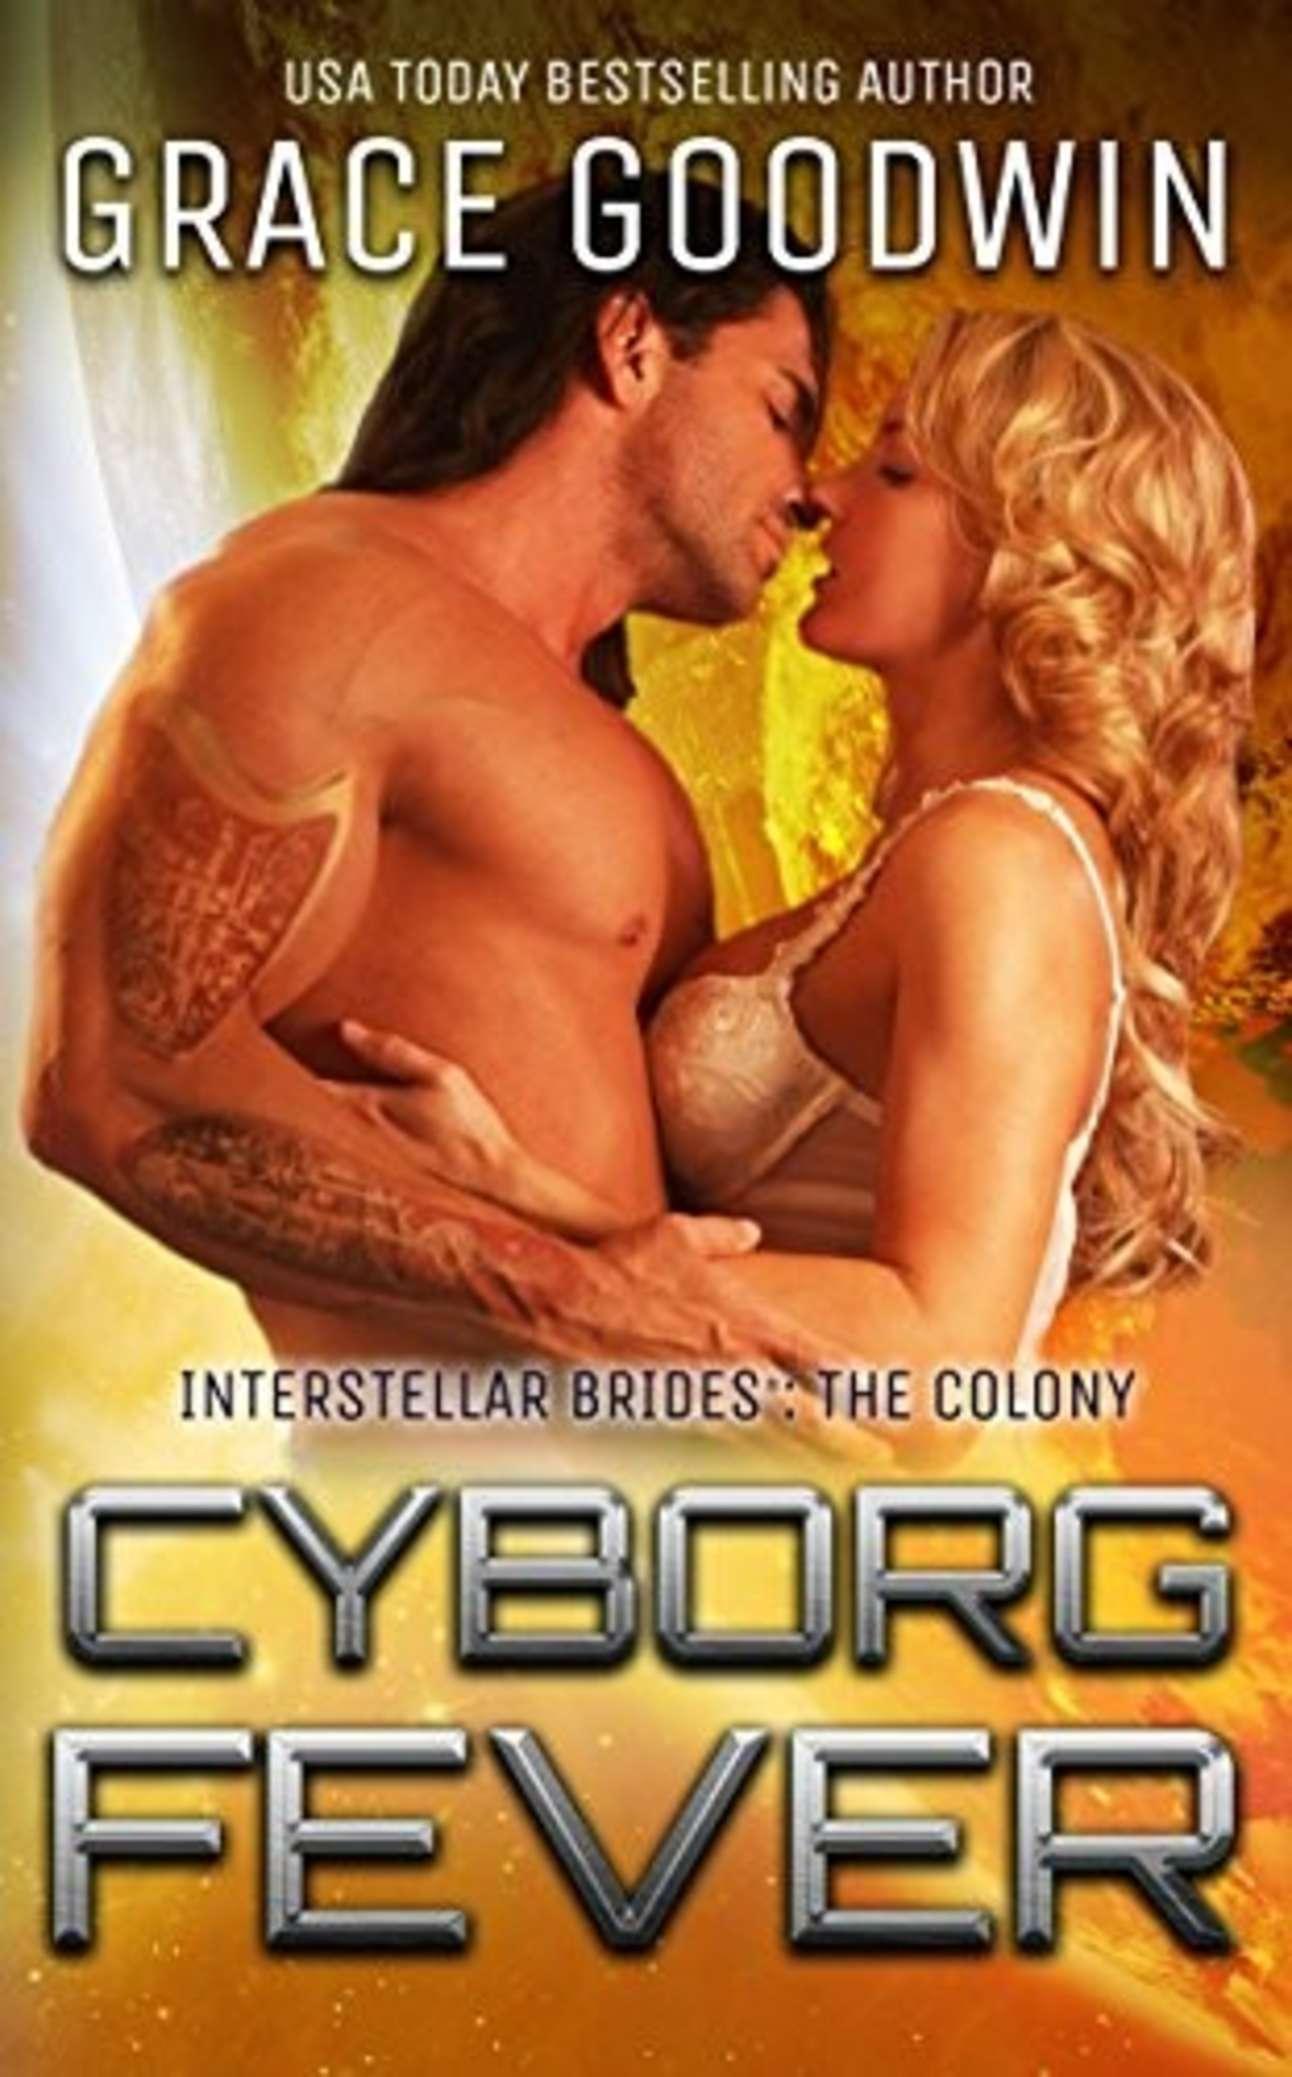 cyborg_fever.jpg